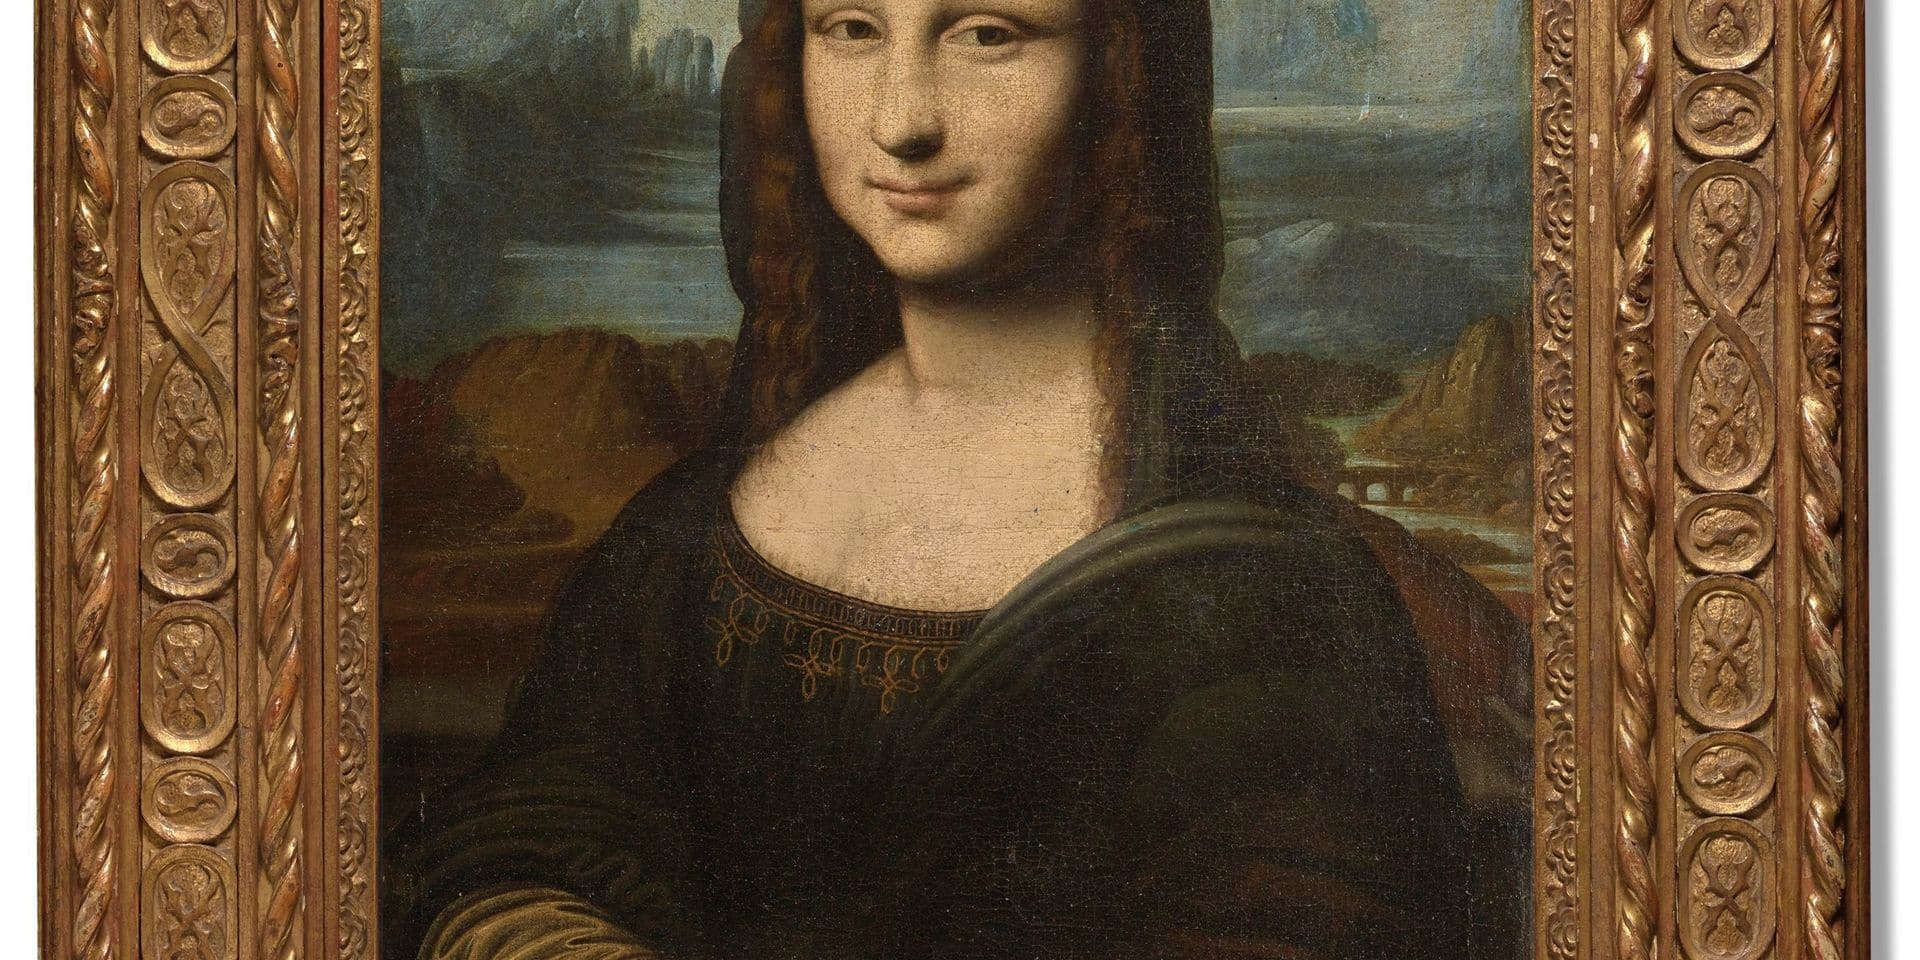 """La célèbre """"Mona Lisa Hekking"""" en vente chez Christie's"""